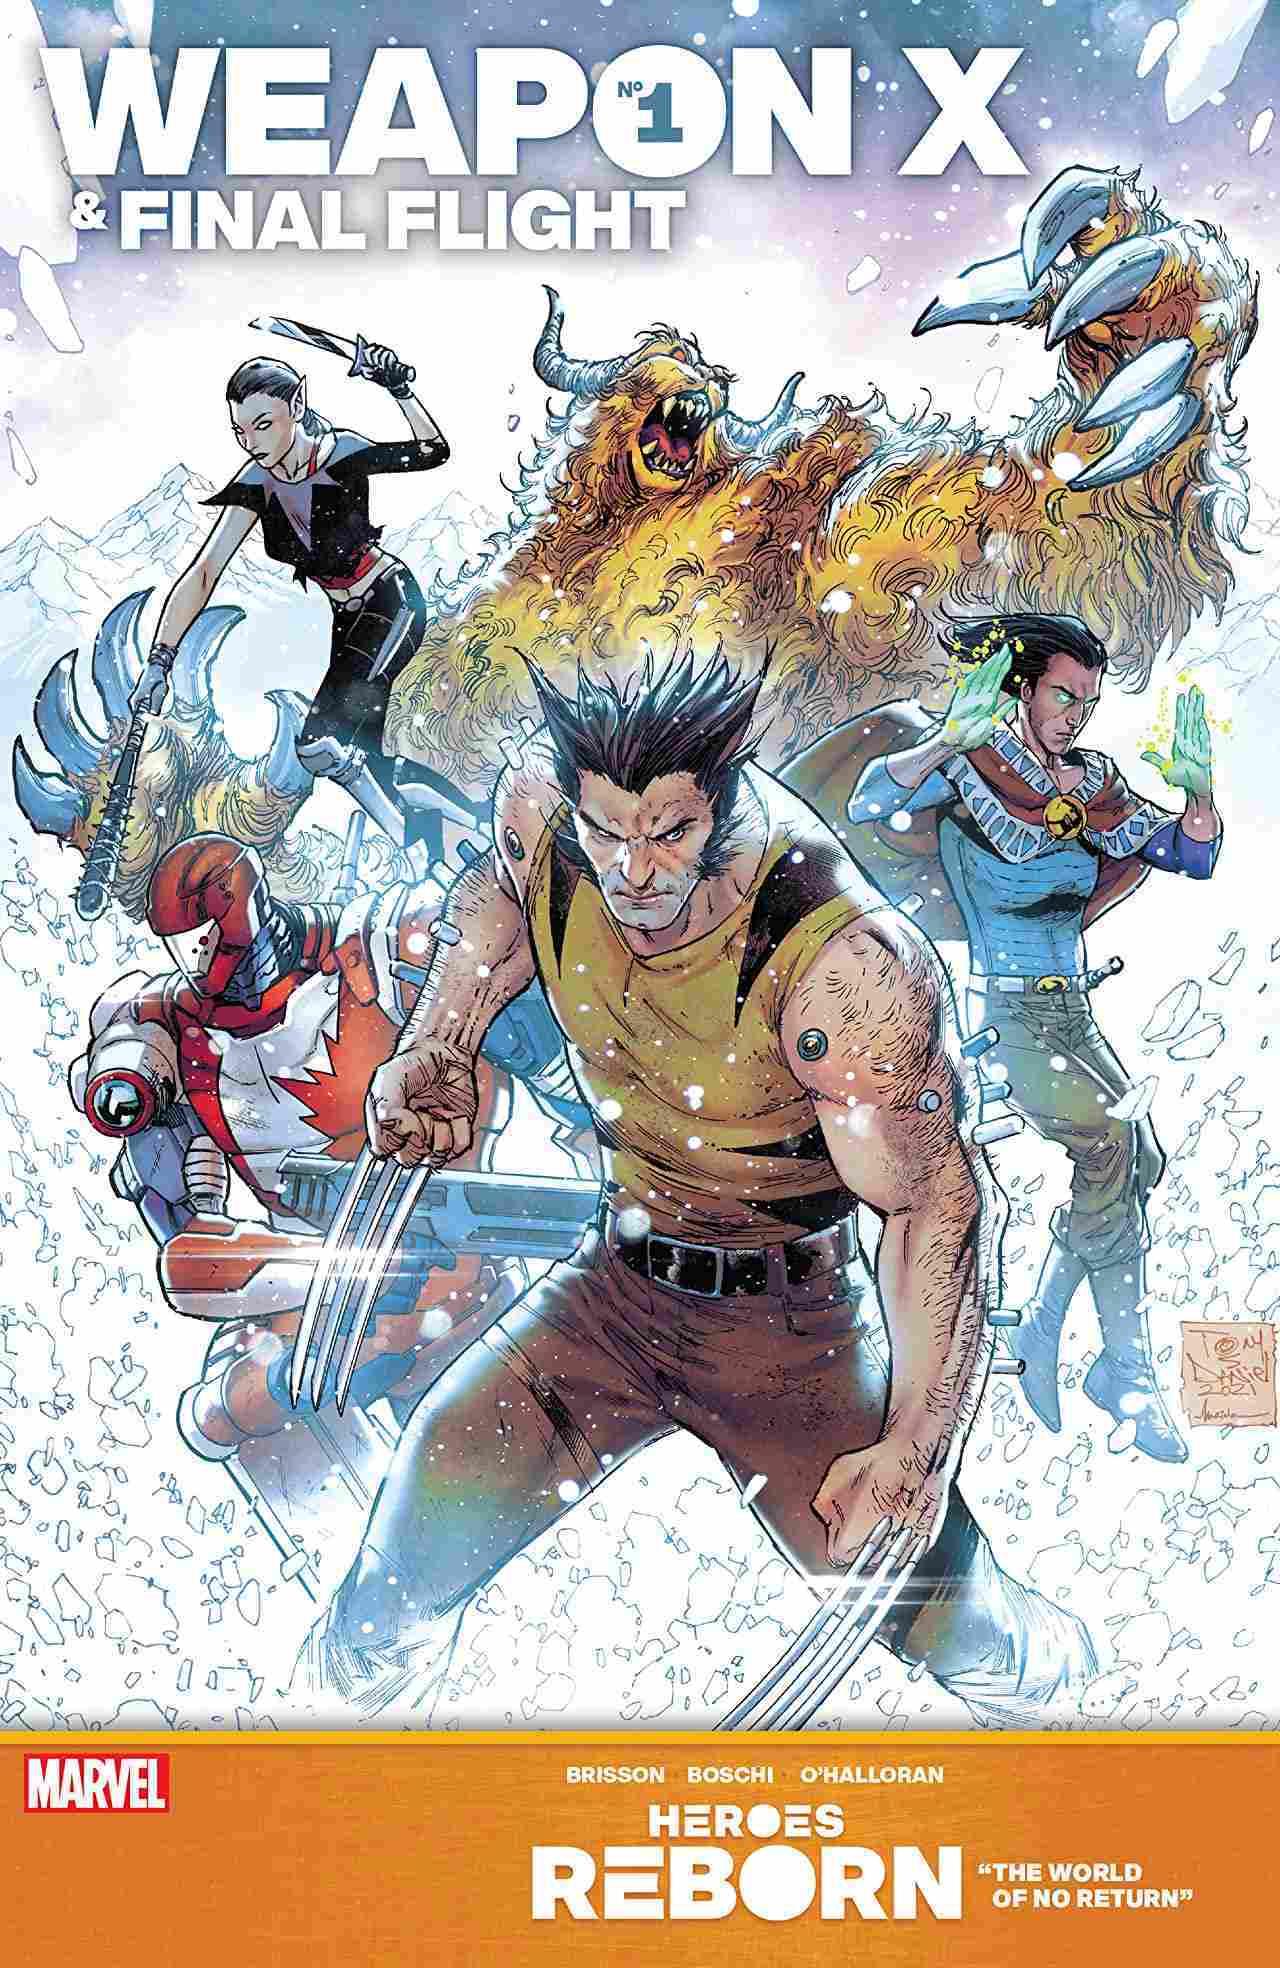 Heroes Reborn Weapon X & Final Flight #1